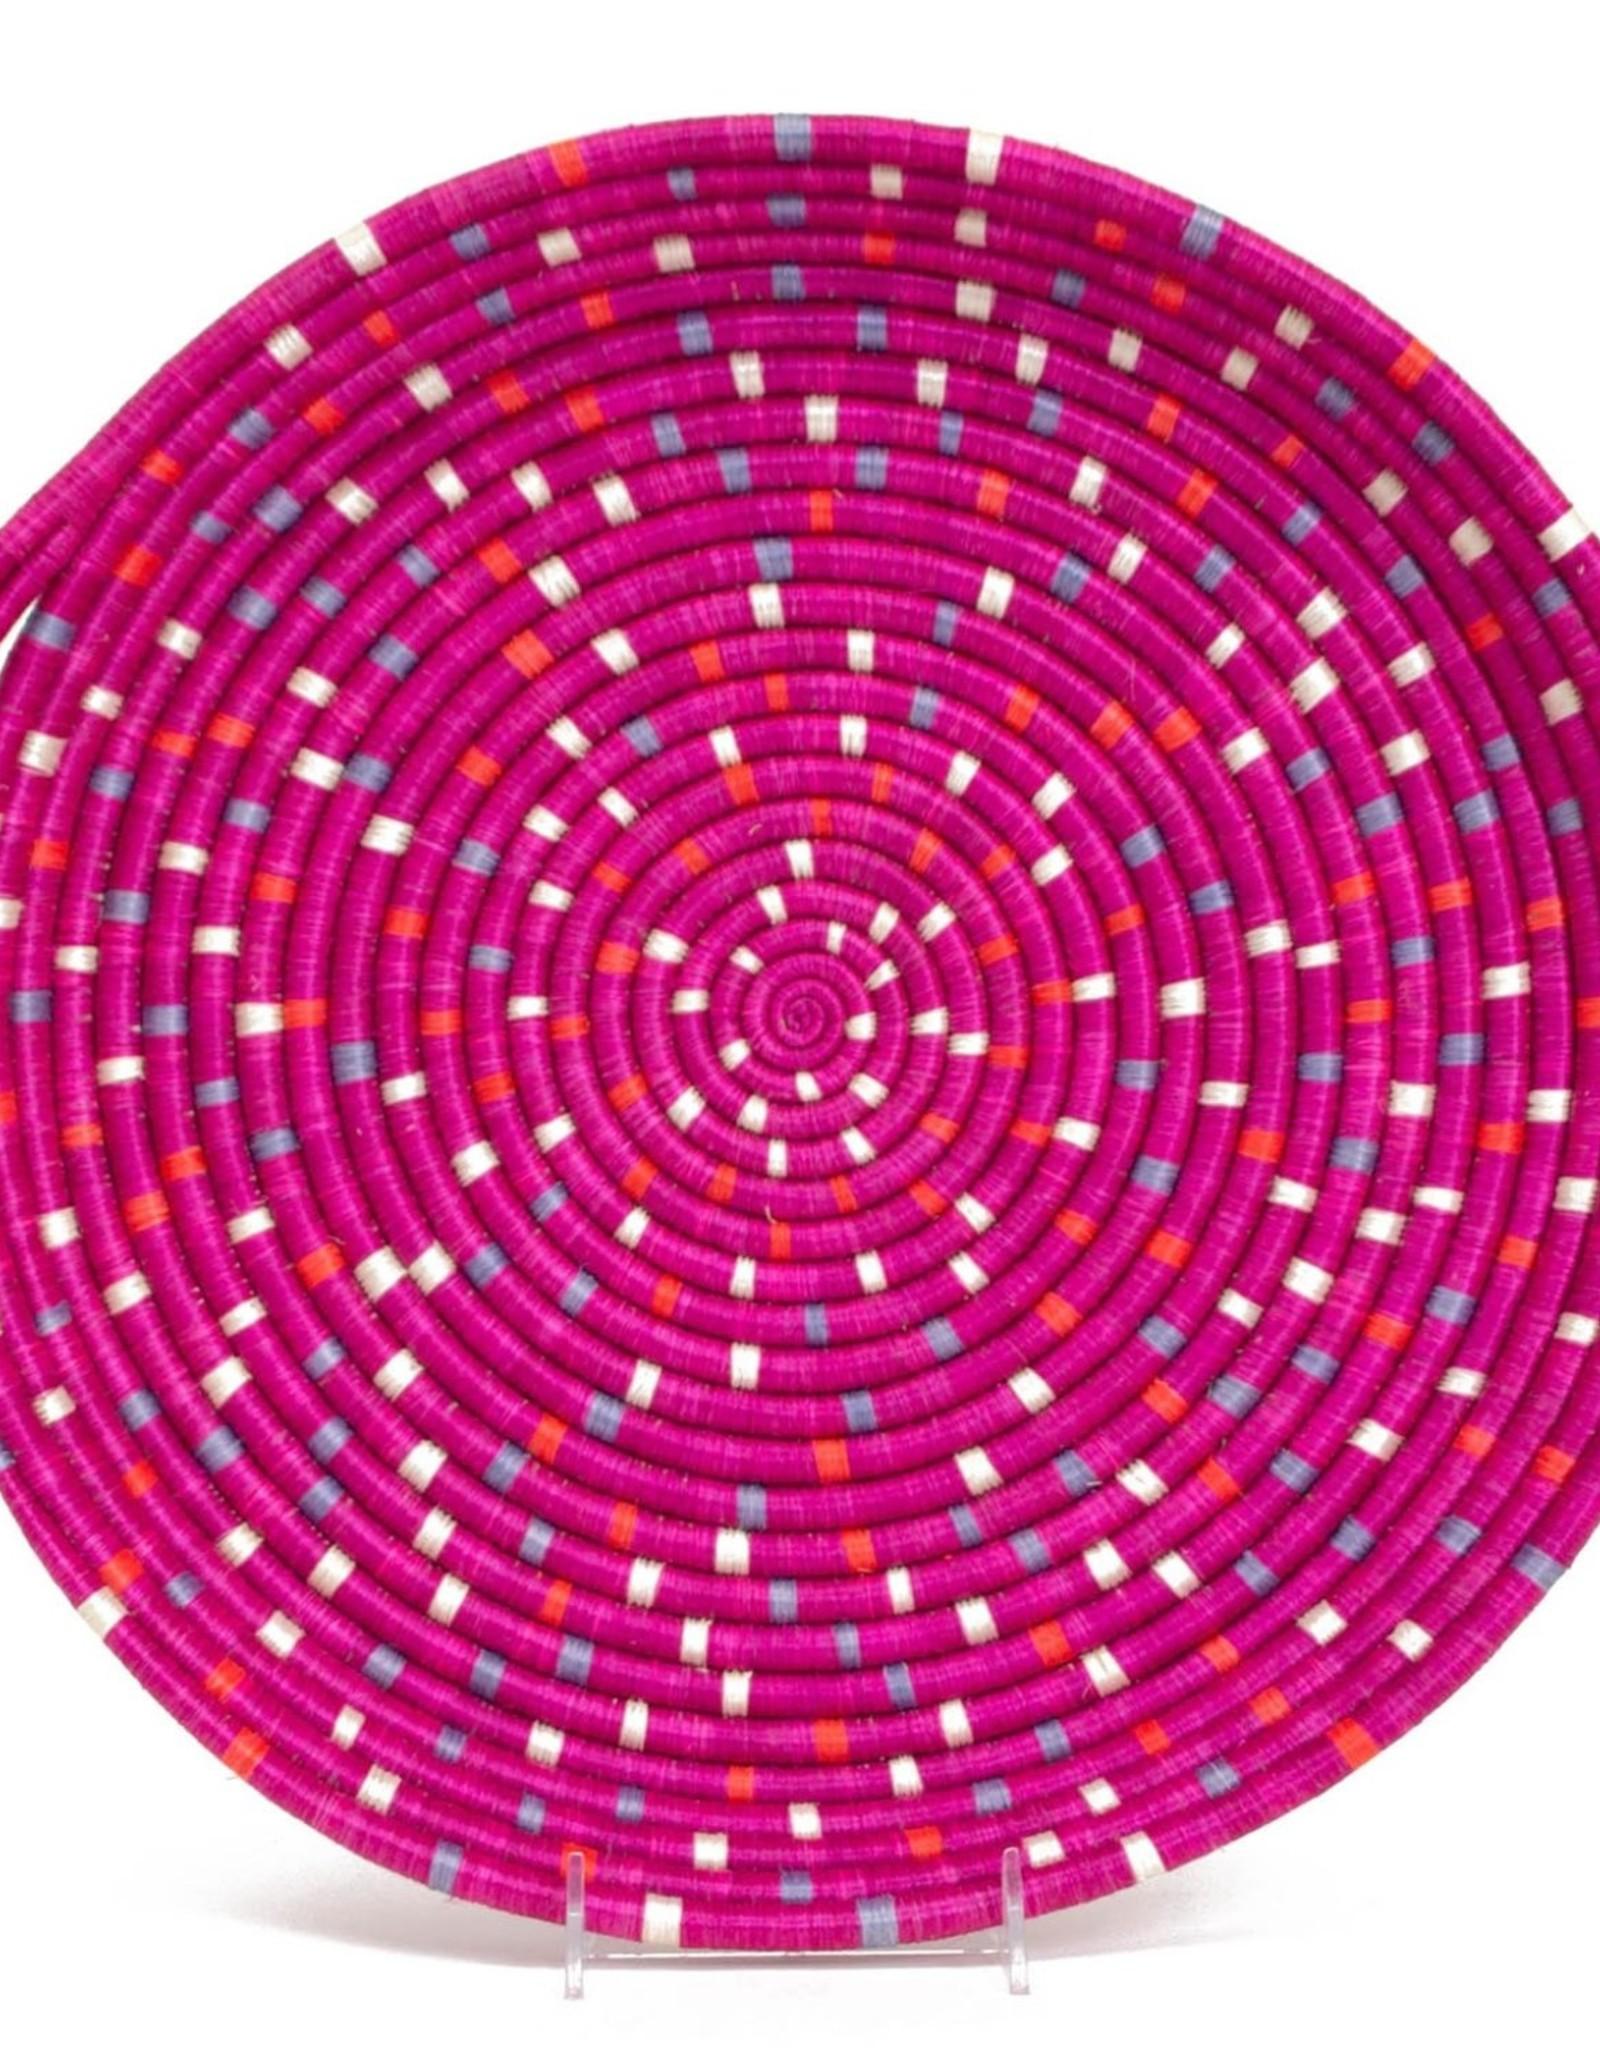 Kazi Speckled Vivid Viola Tray